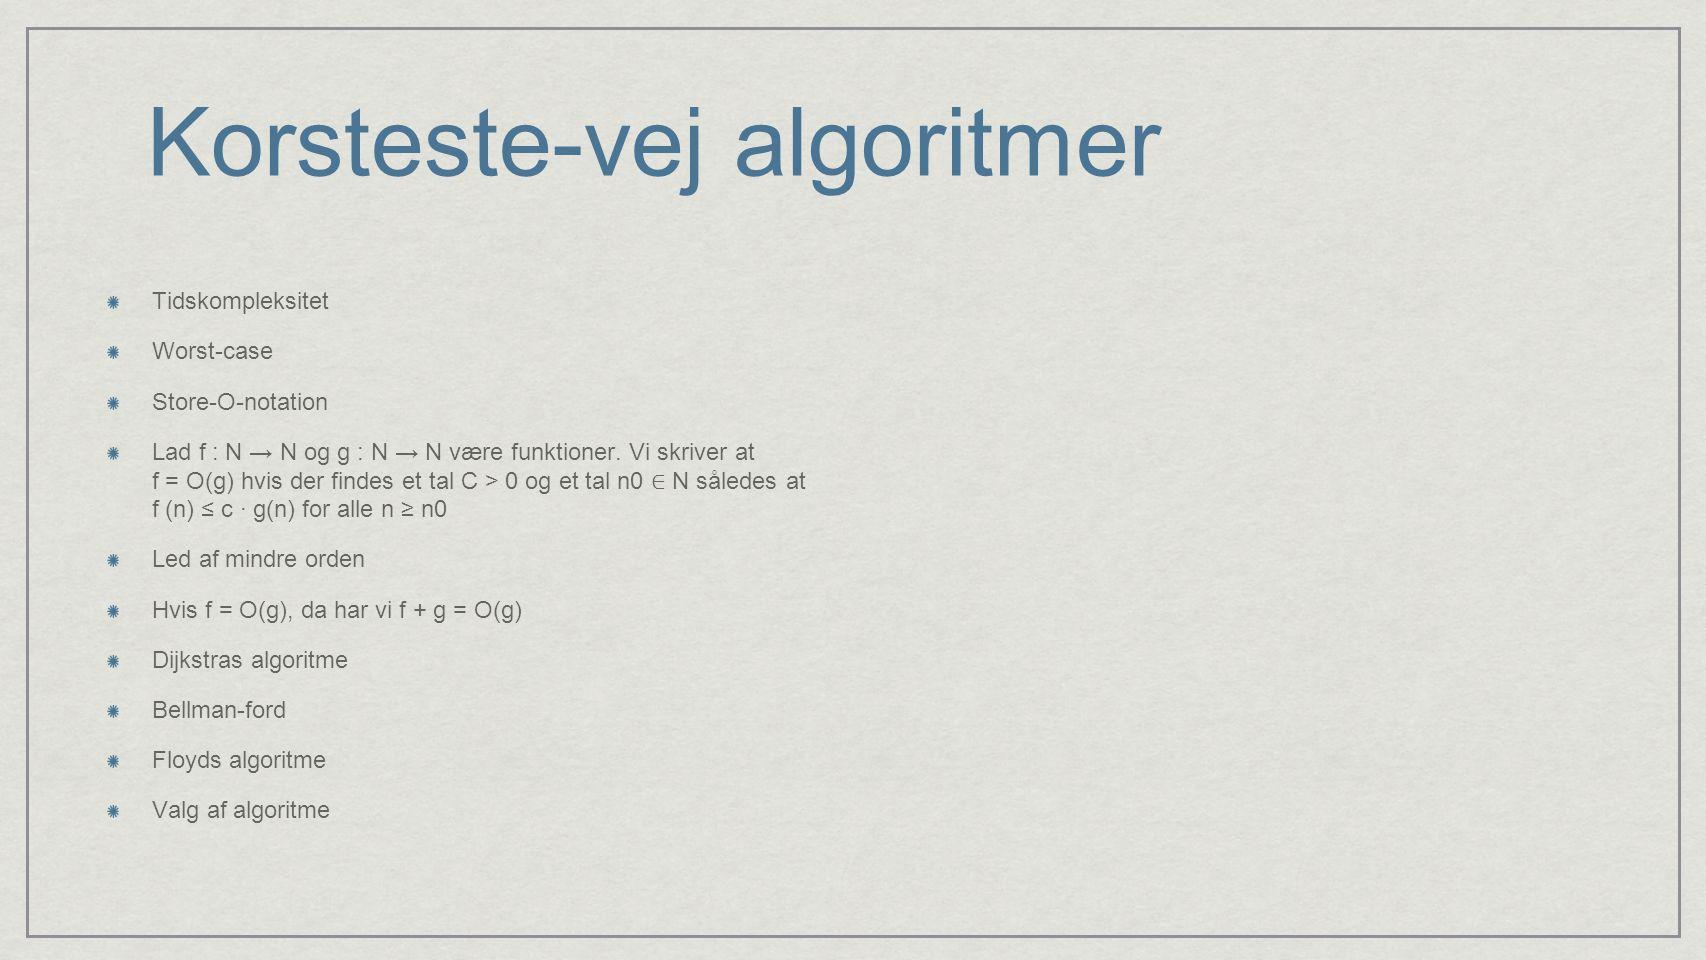 Korsteste-vej algoritmer